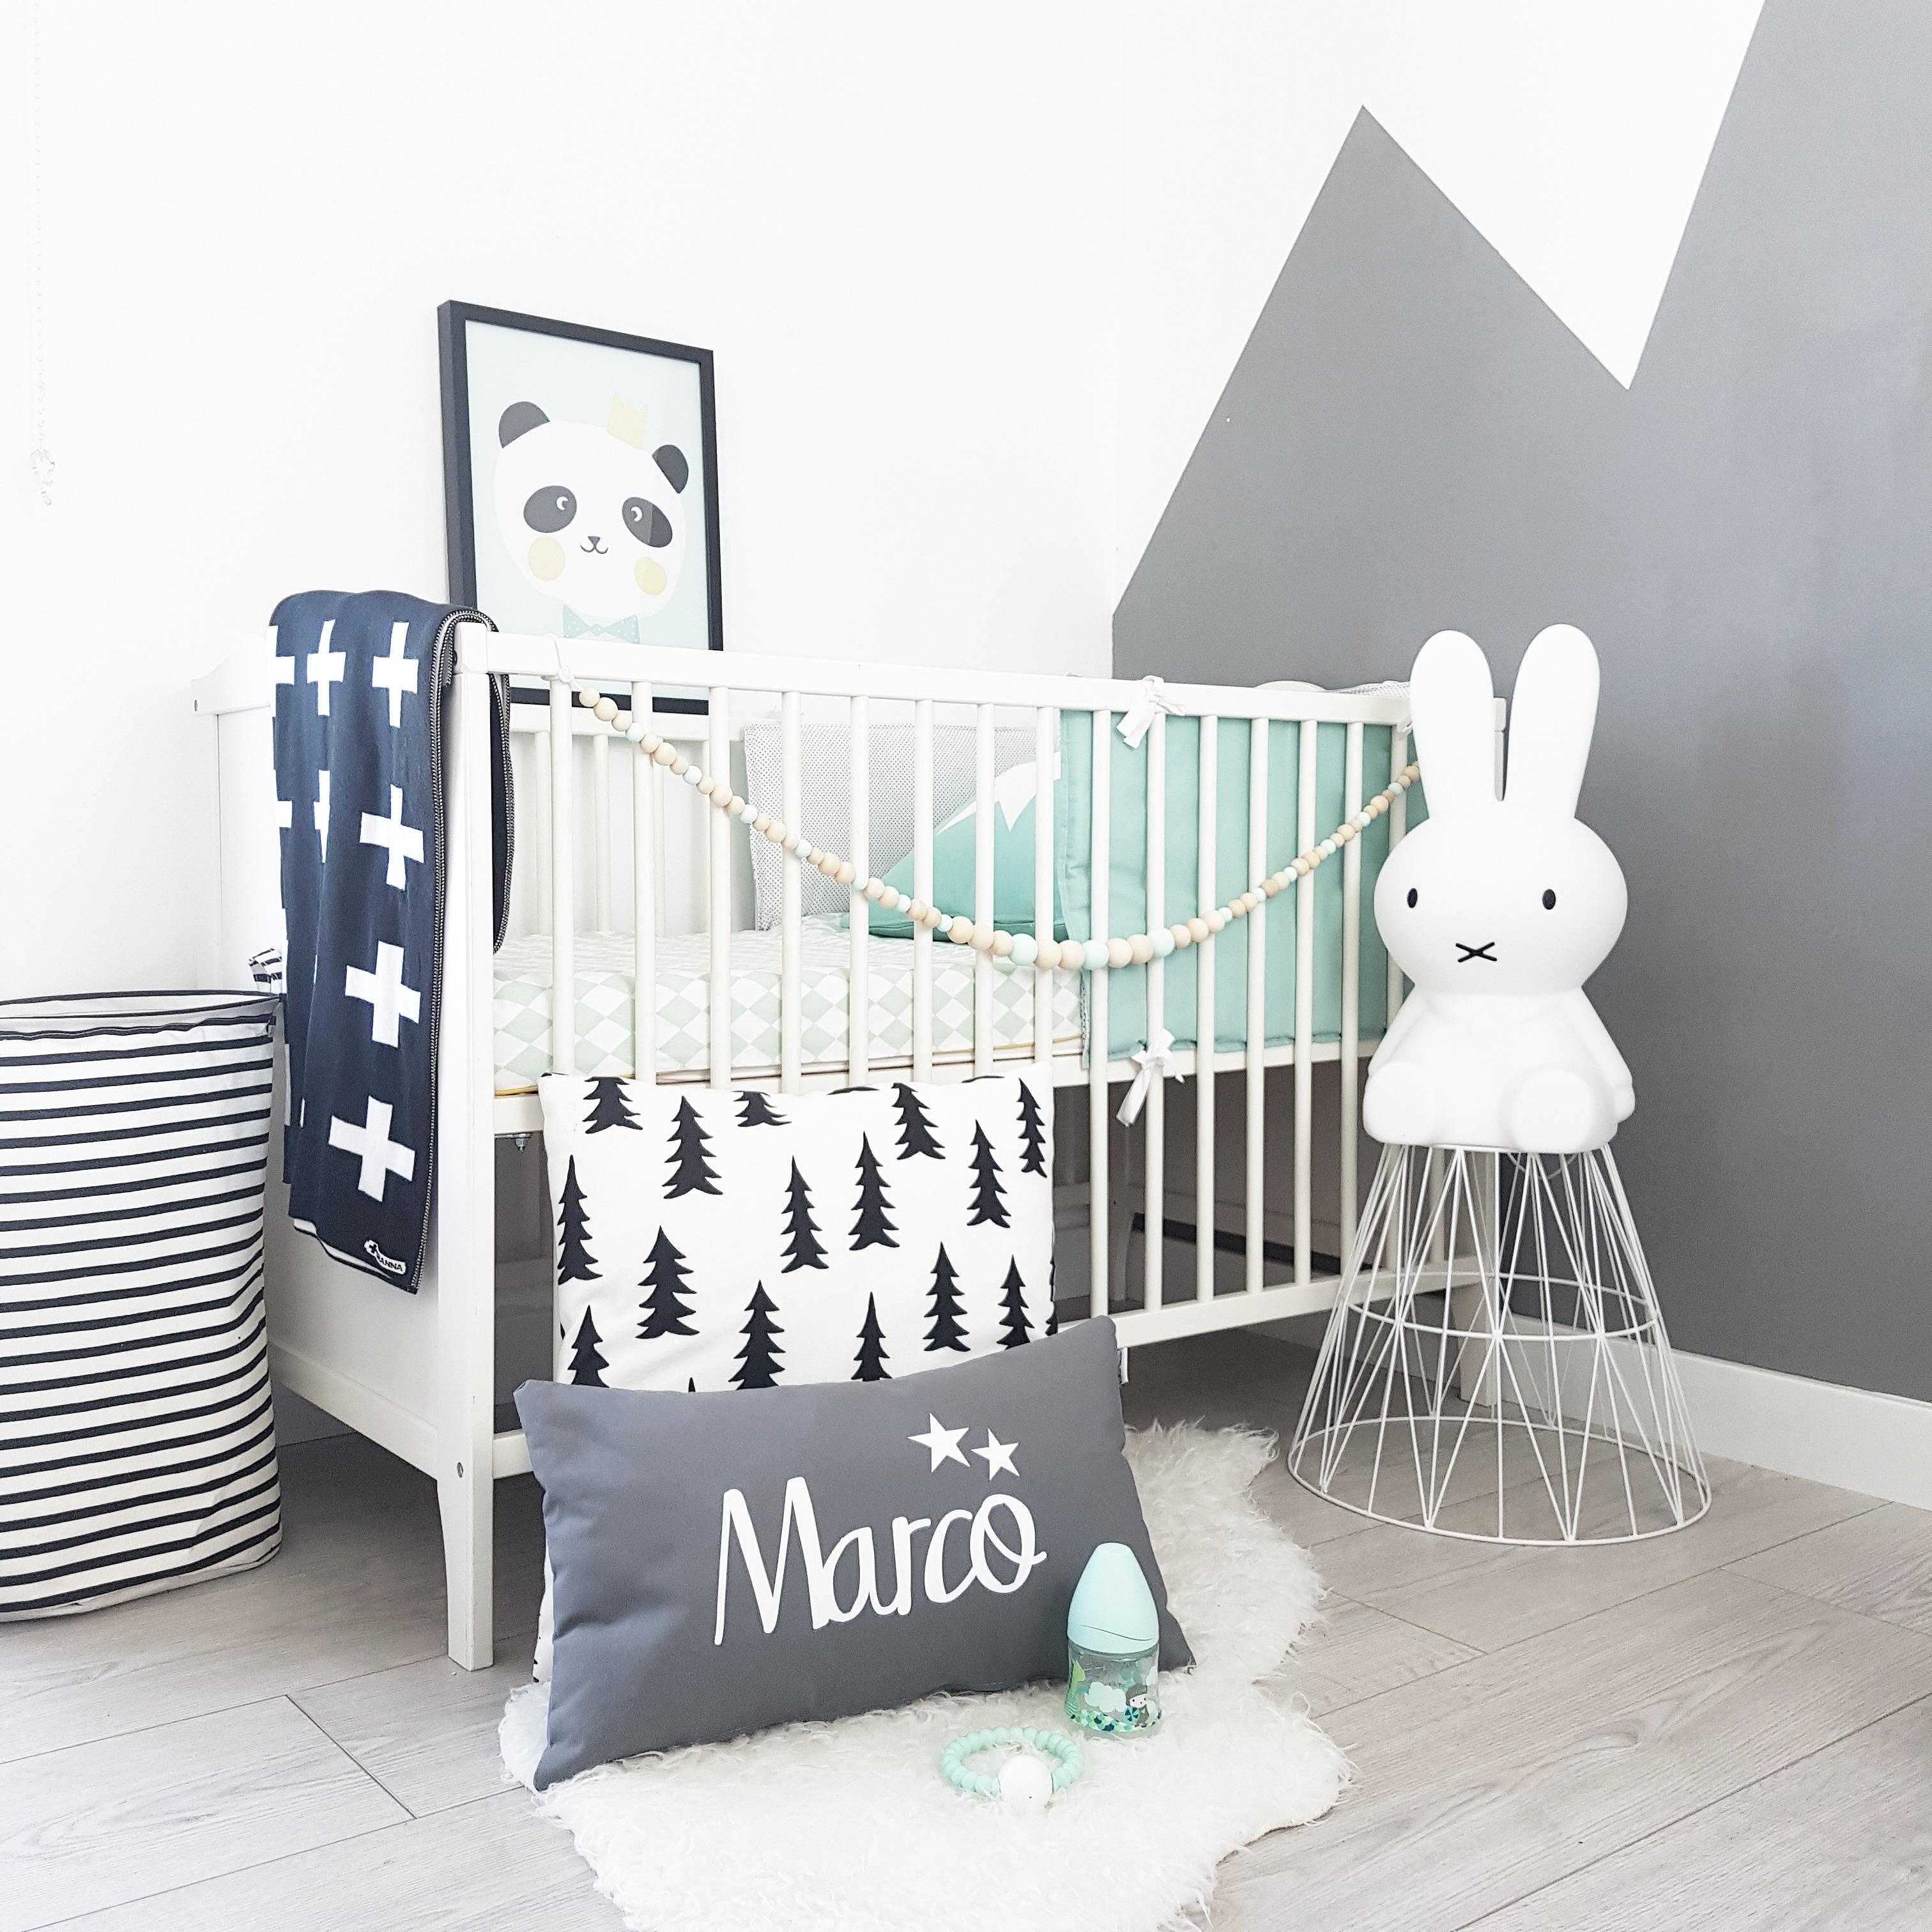 Habitaci n infantil en tonos grises blancos y mint deco - Habitacion gris y blanca ...